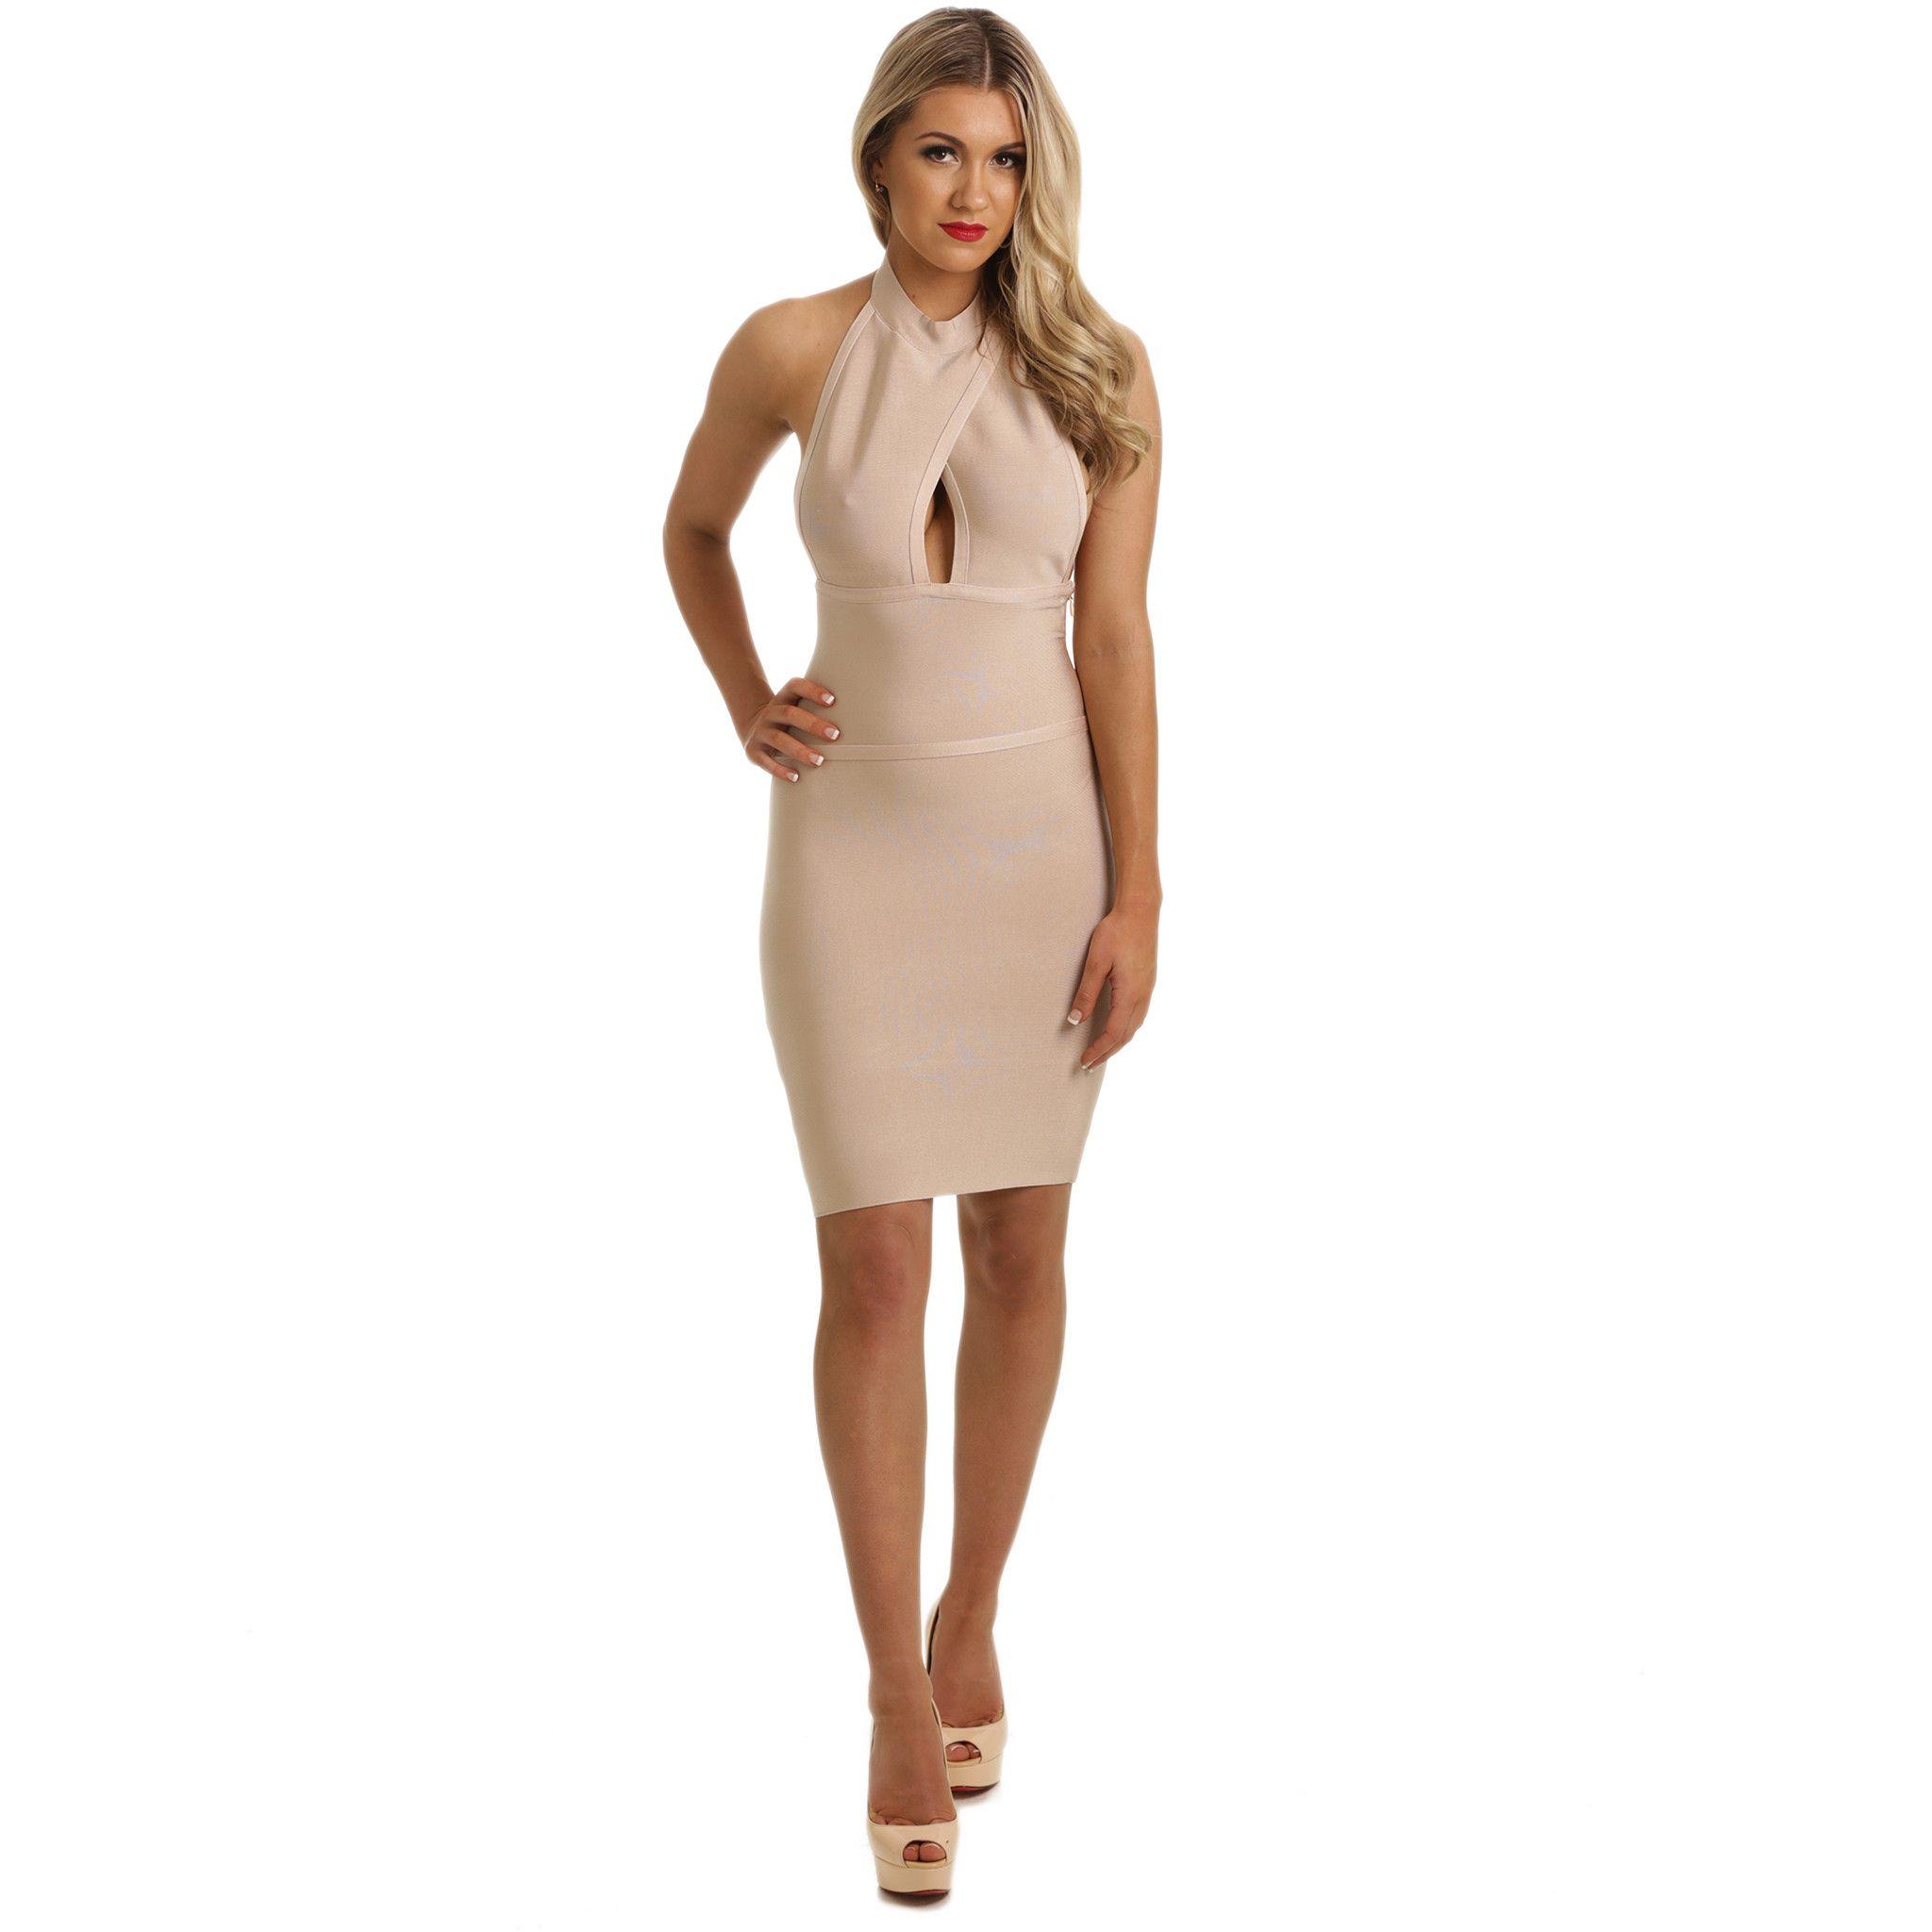 Noodz Boutique - Kate Dress | Noodz Boutique | Pinterest | Kate ...